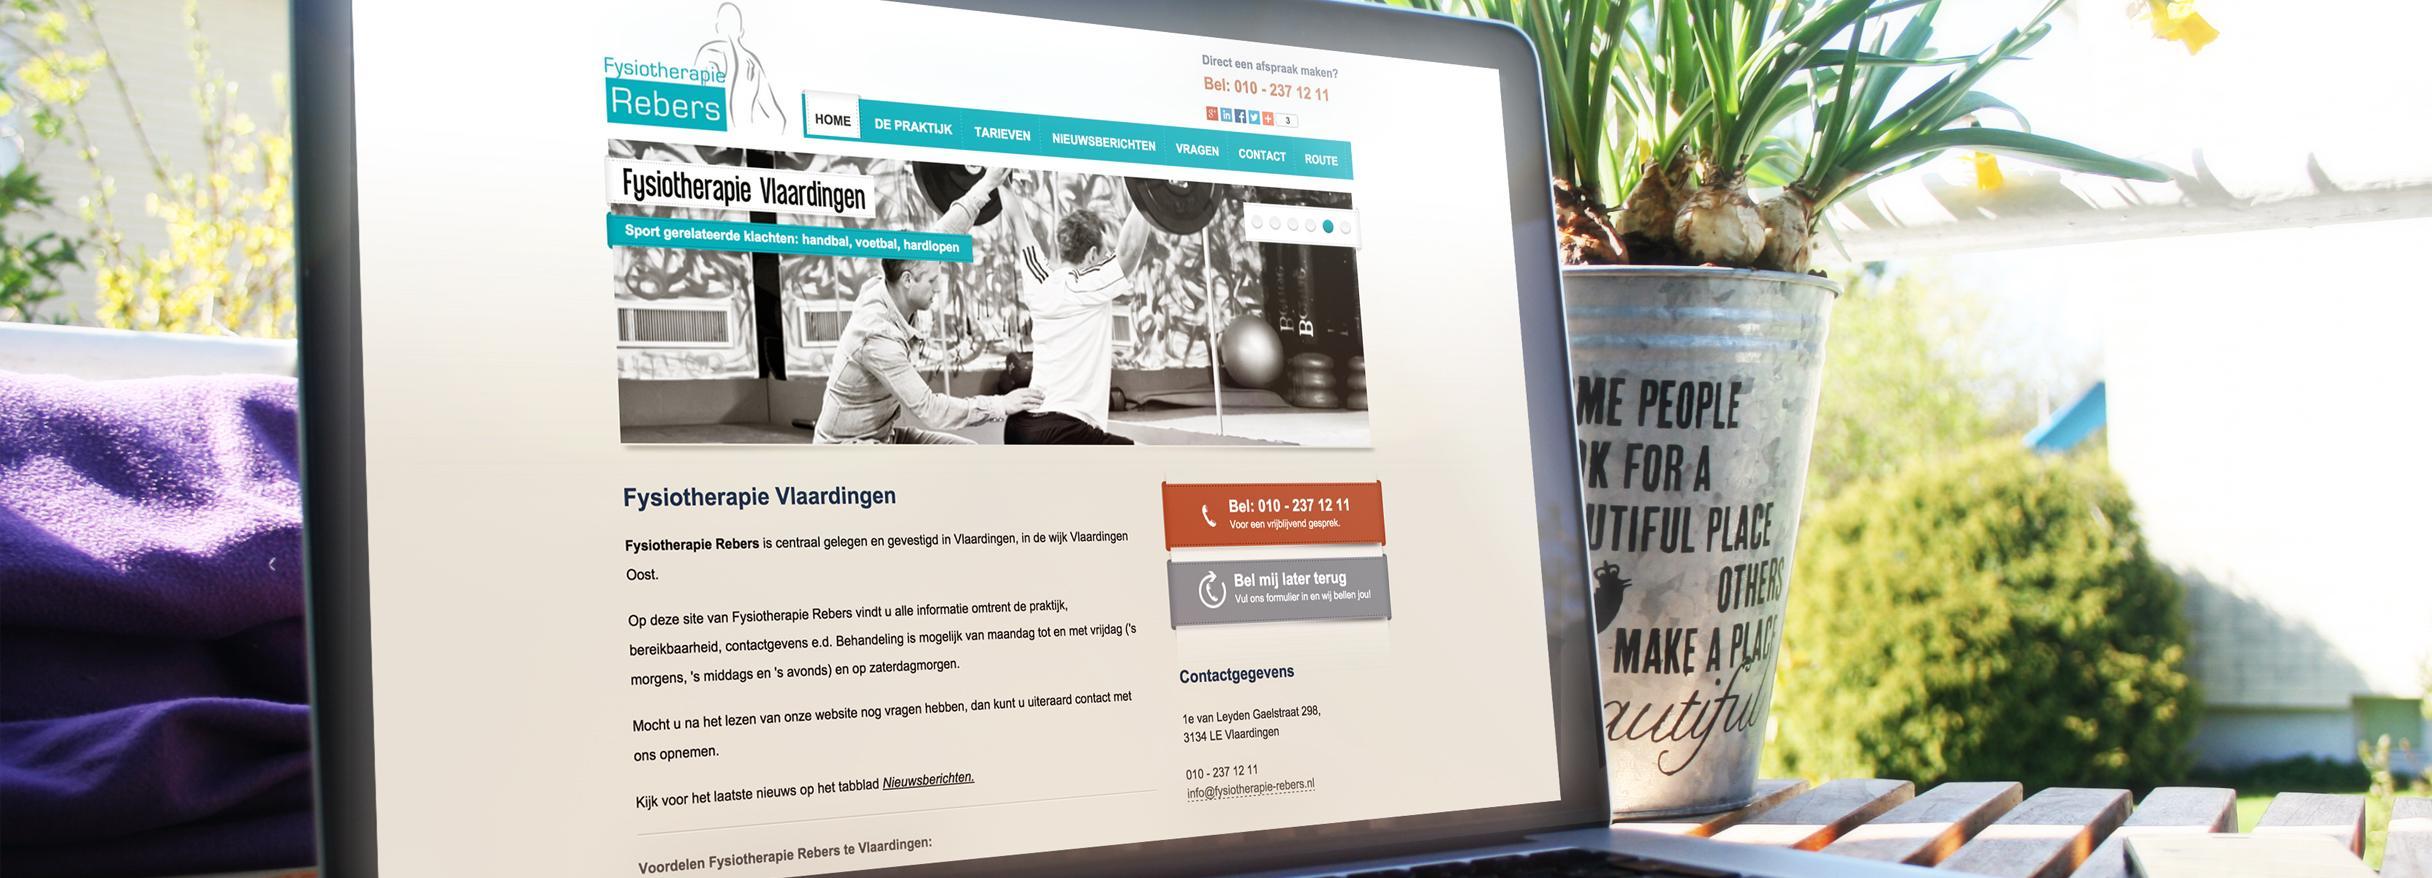 Informatievewebsite